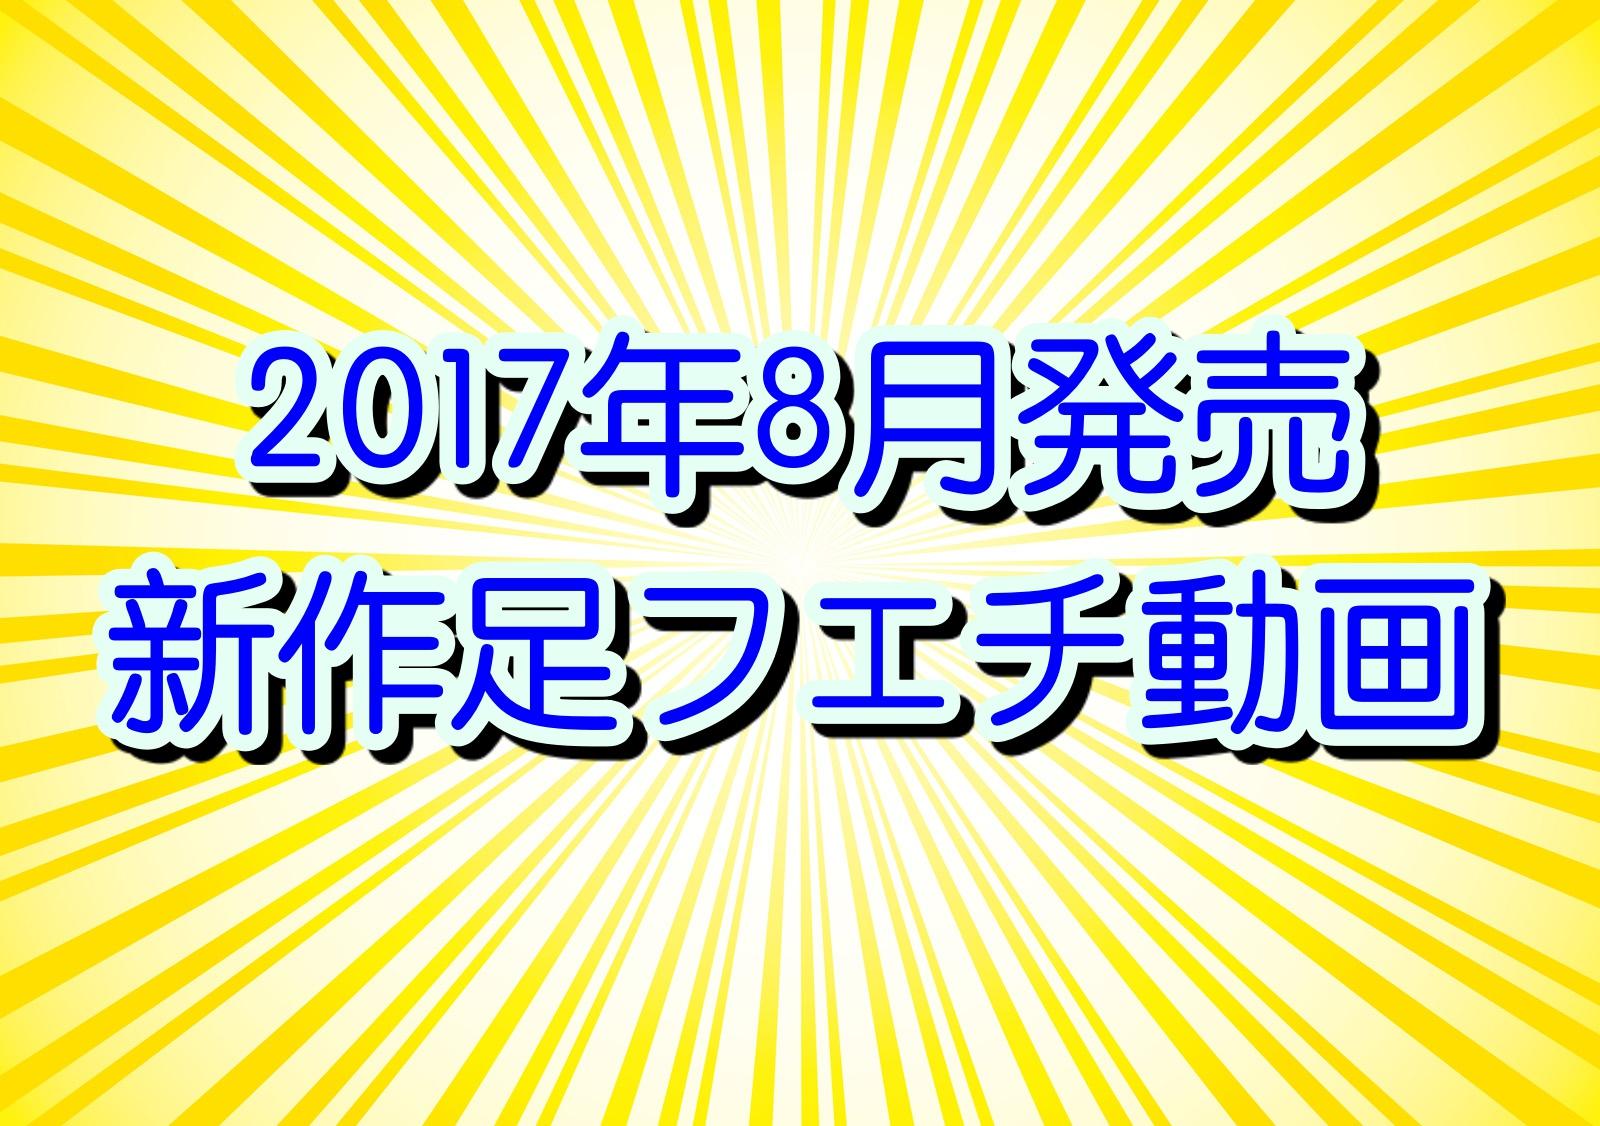 2017年8月発売の新作足フェチ動画